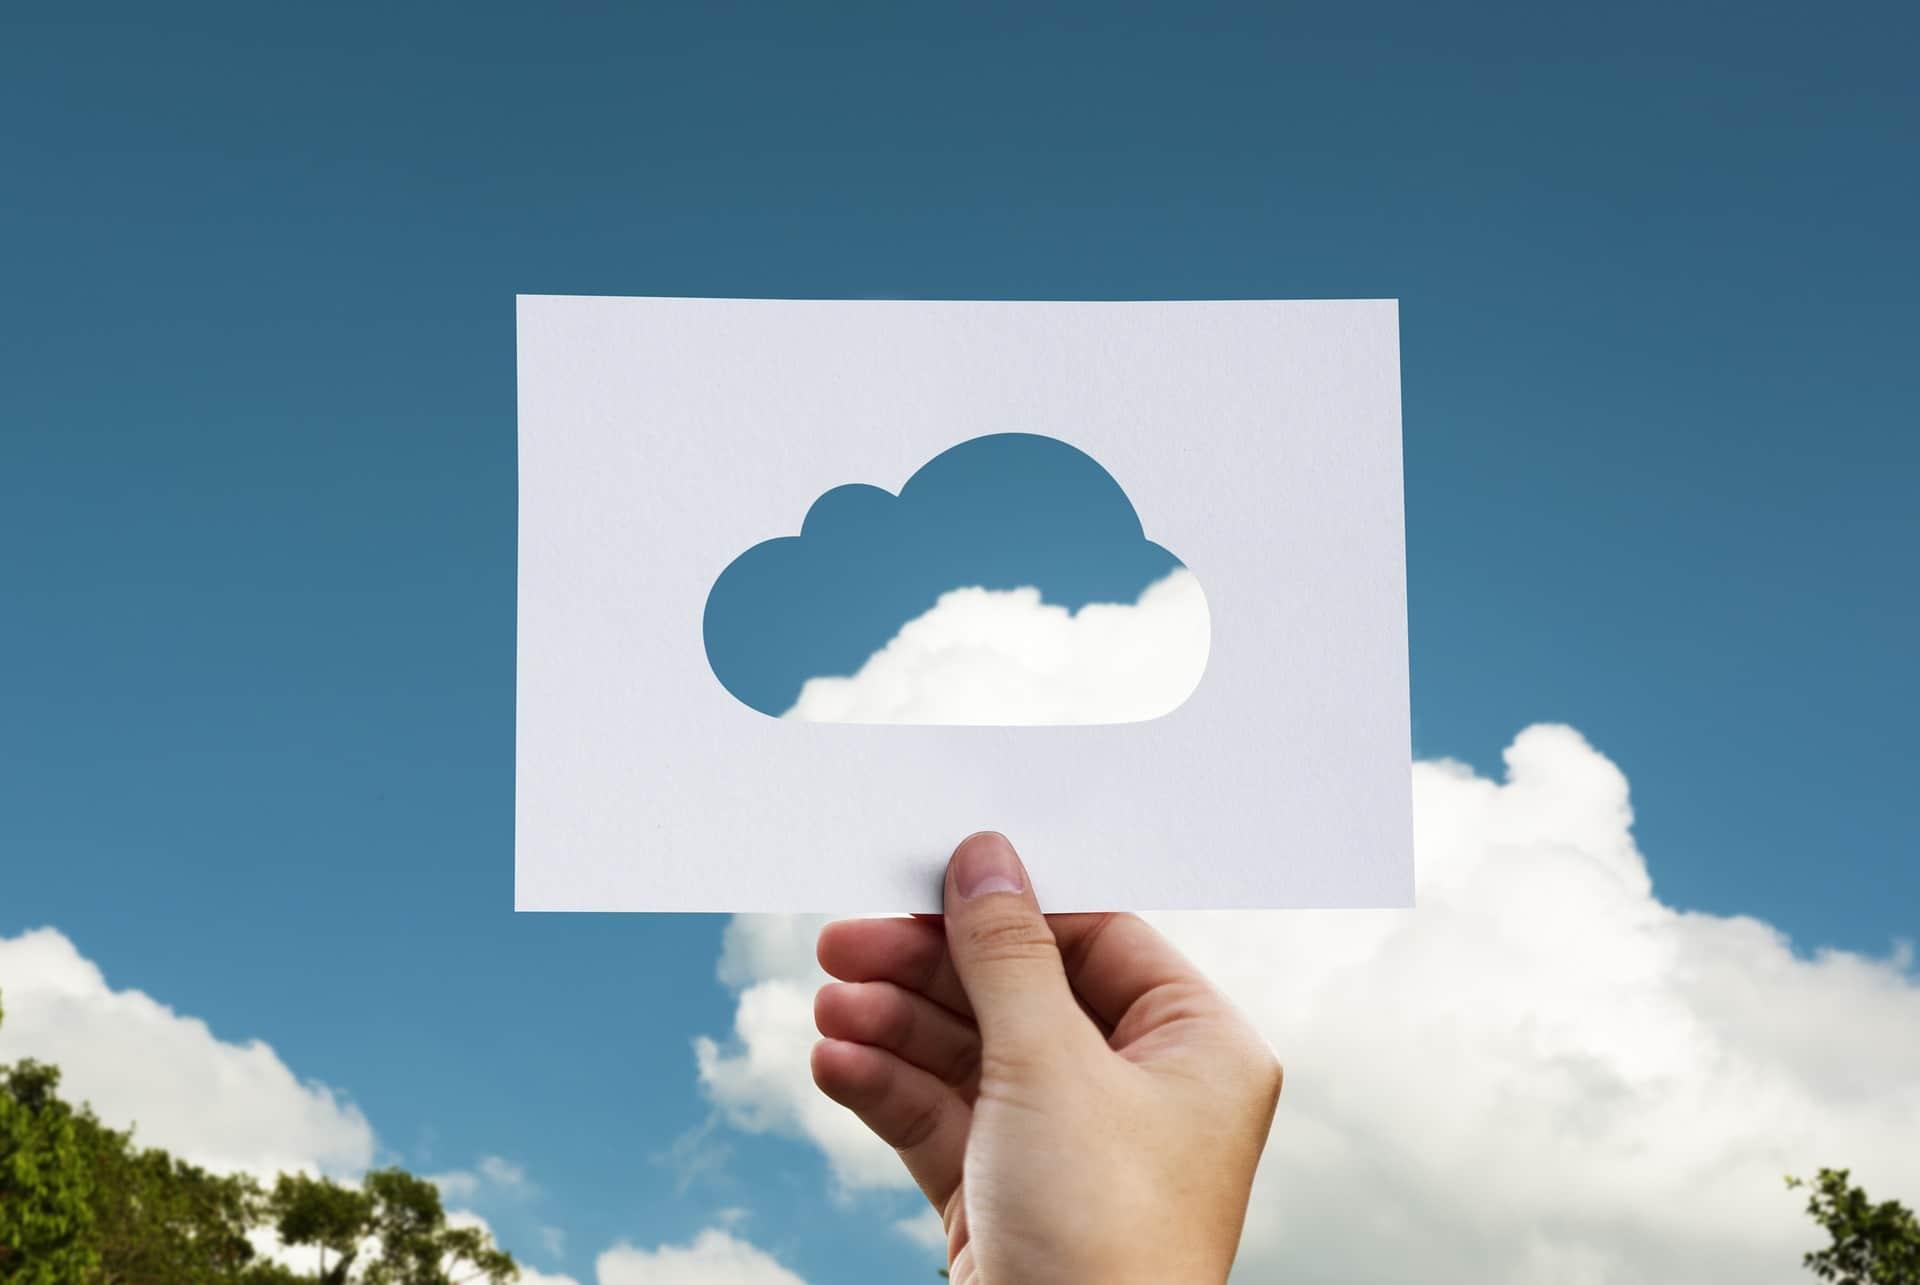 Безлимитное и бесплатное облачное хранилище